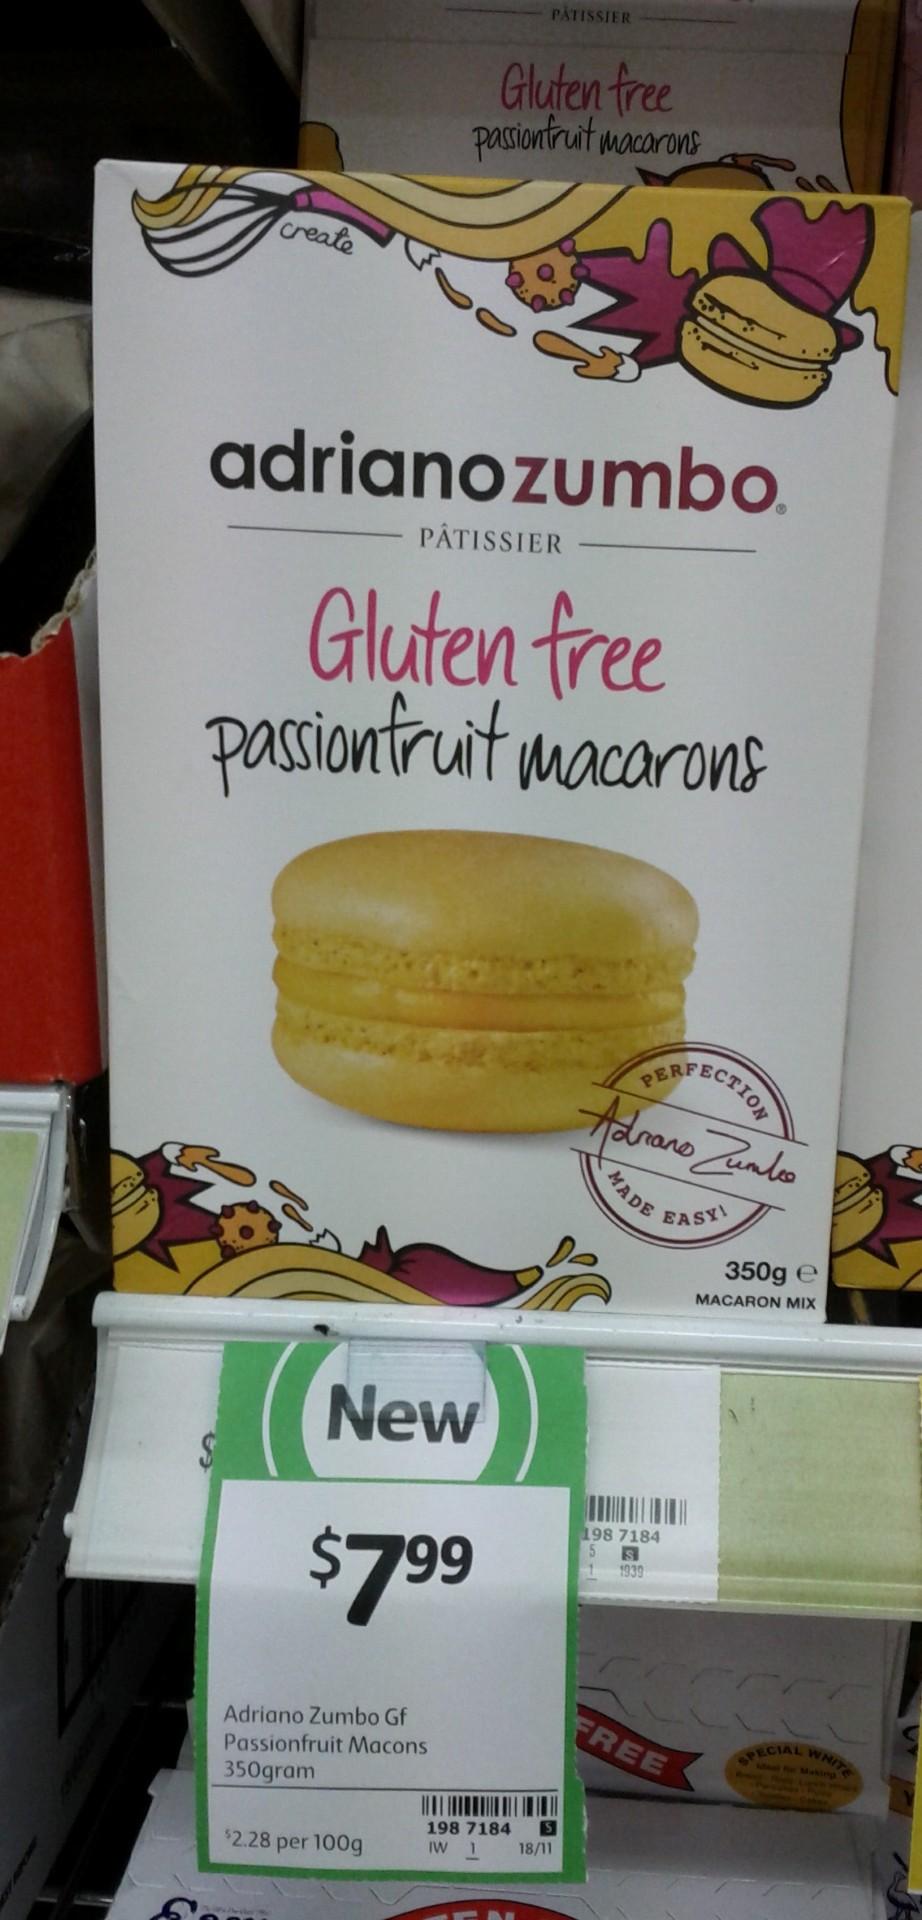 Adriano Zumbo 350g Gluten Free Passionfruit Macarons